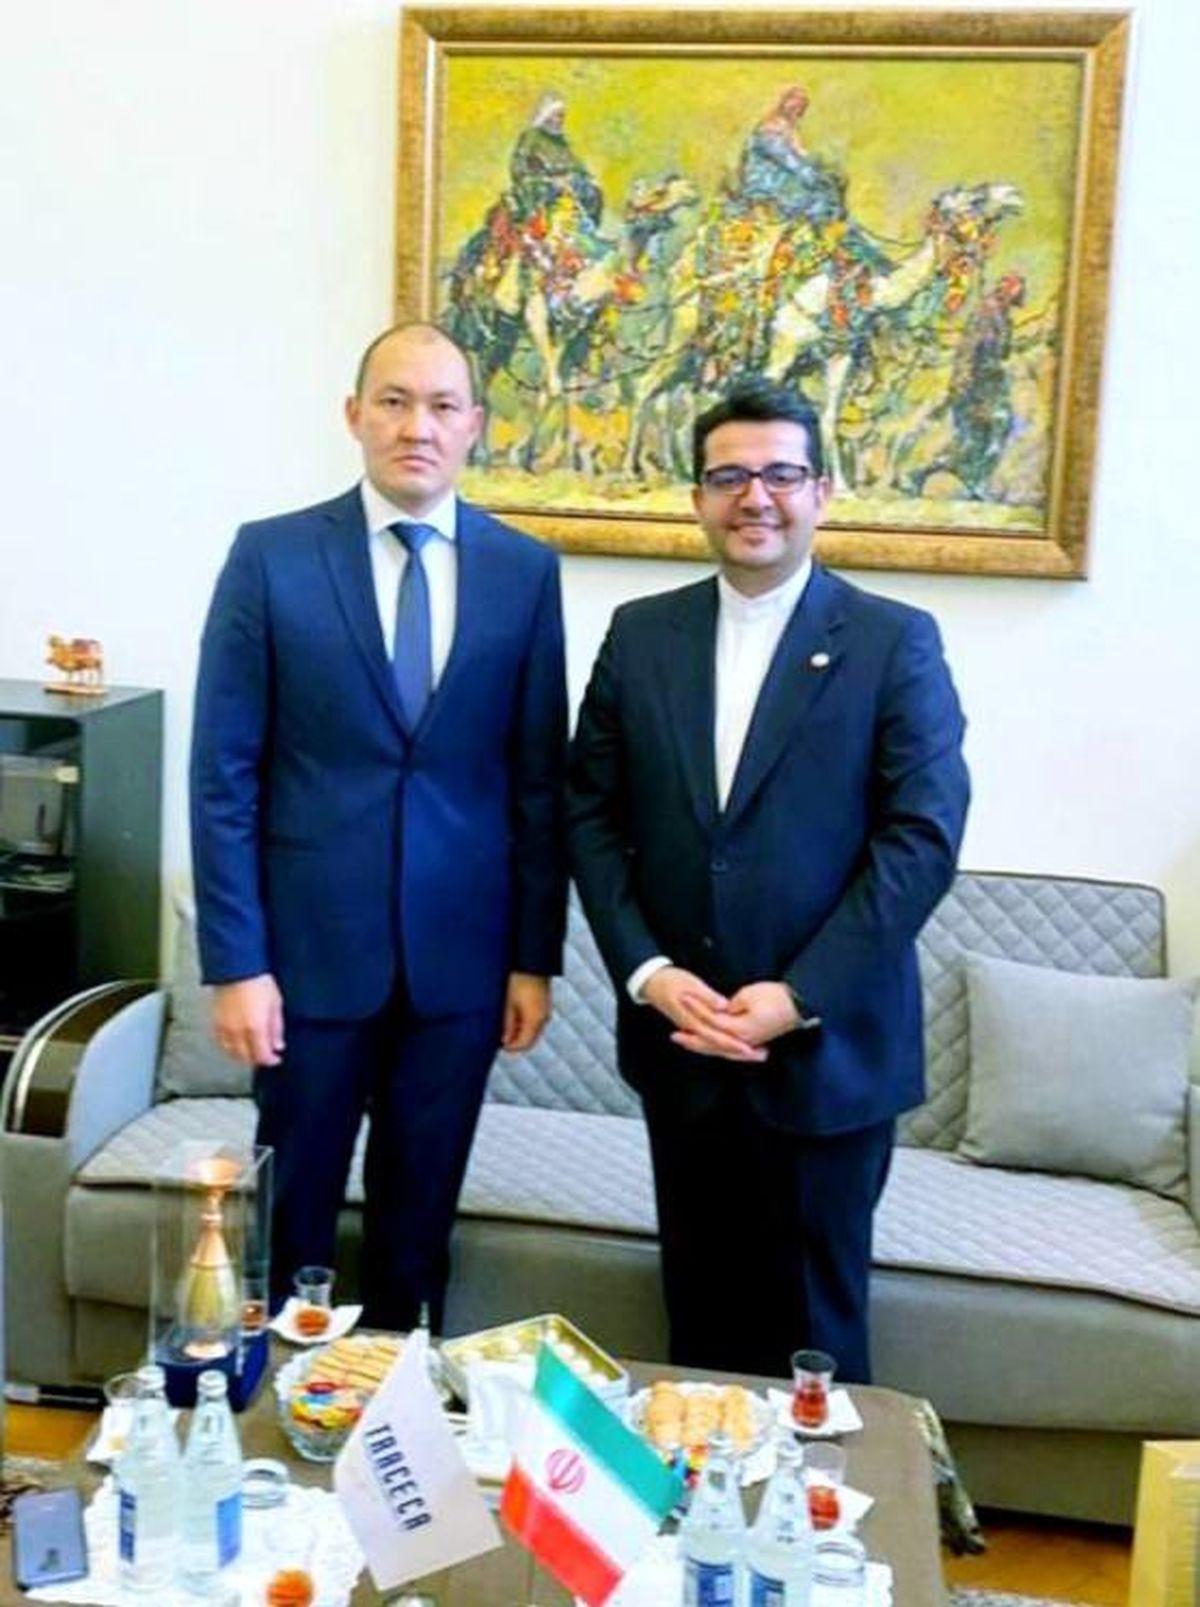 سفیر ایران در جمهوری آذربایجان با دبیرکل تراسیکا دیدار کرد